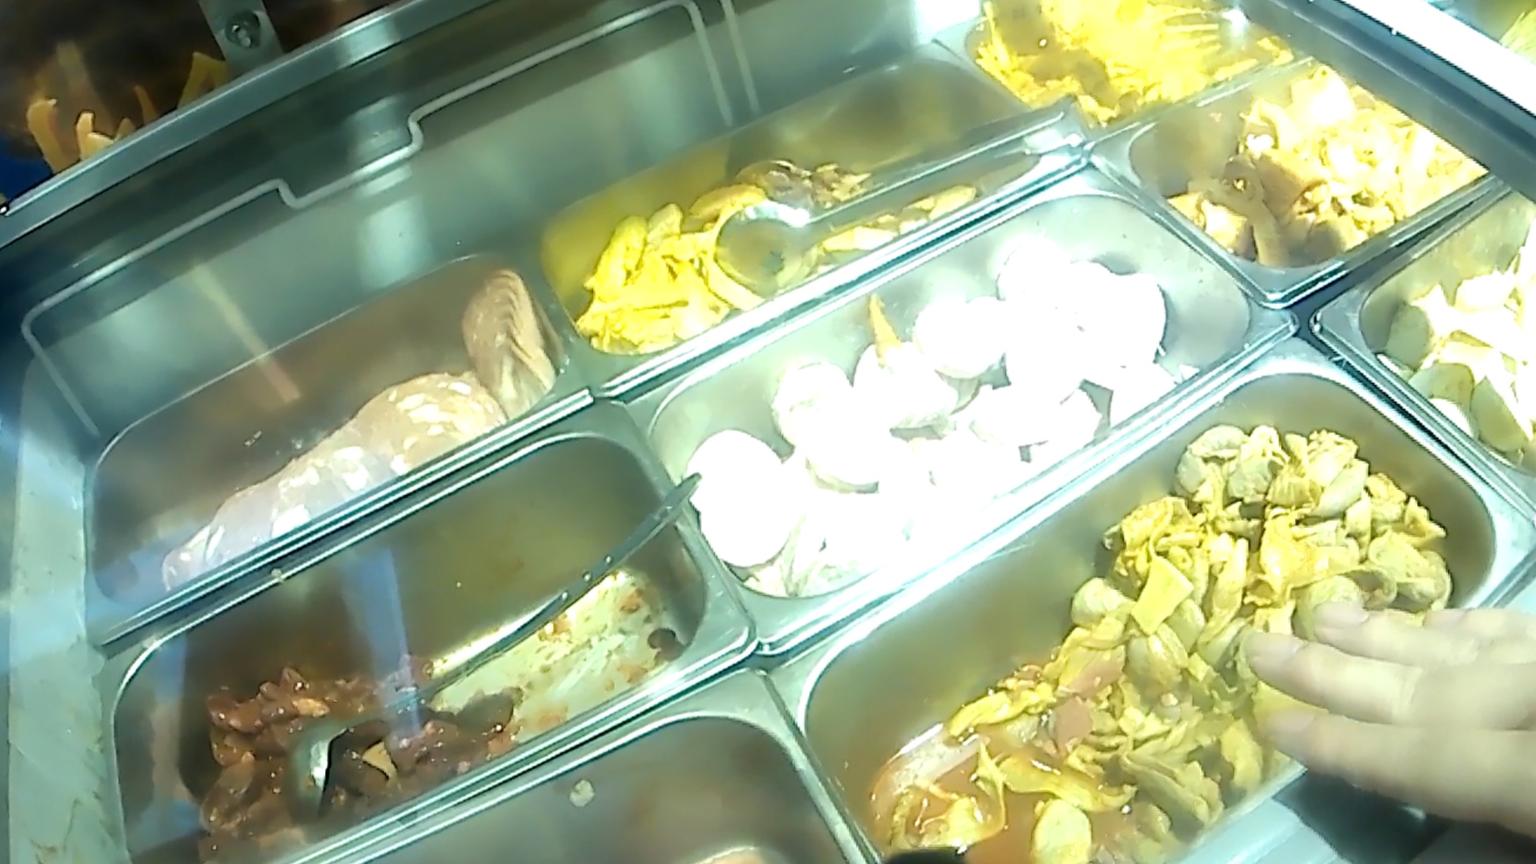 【小狂不着调】火锅就应该挑肉吃!吃个爽!